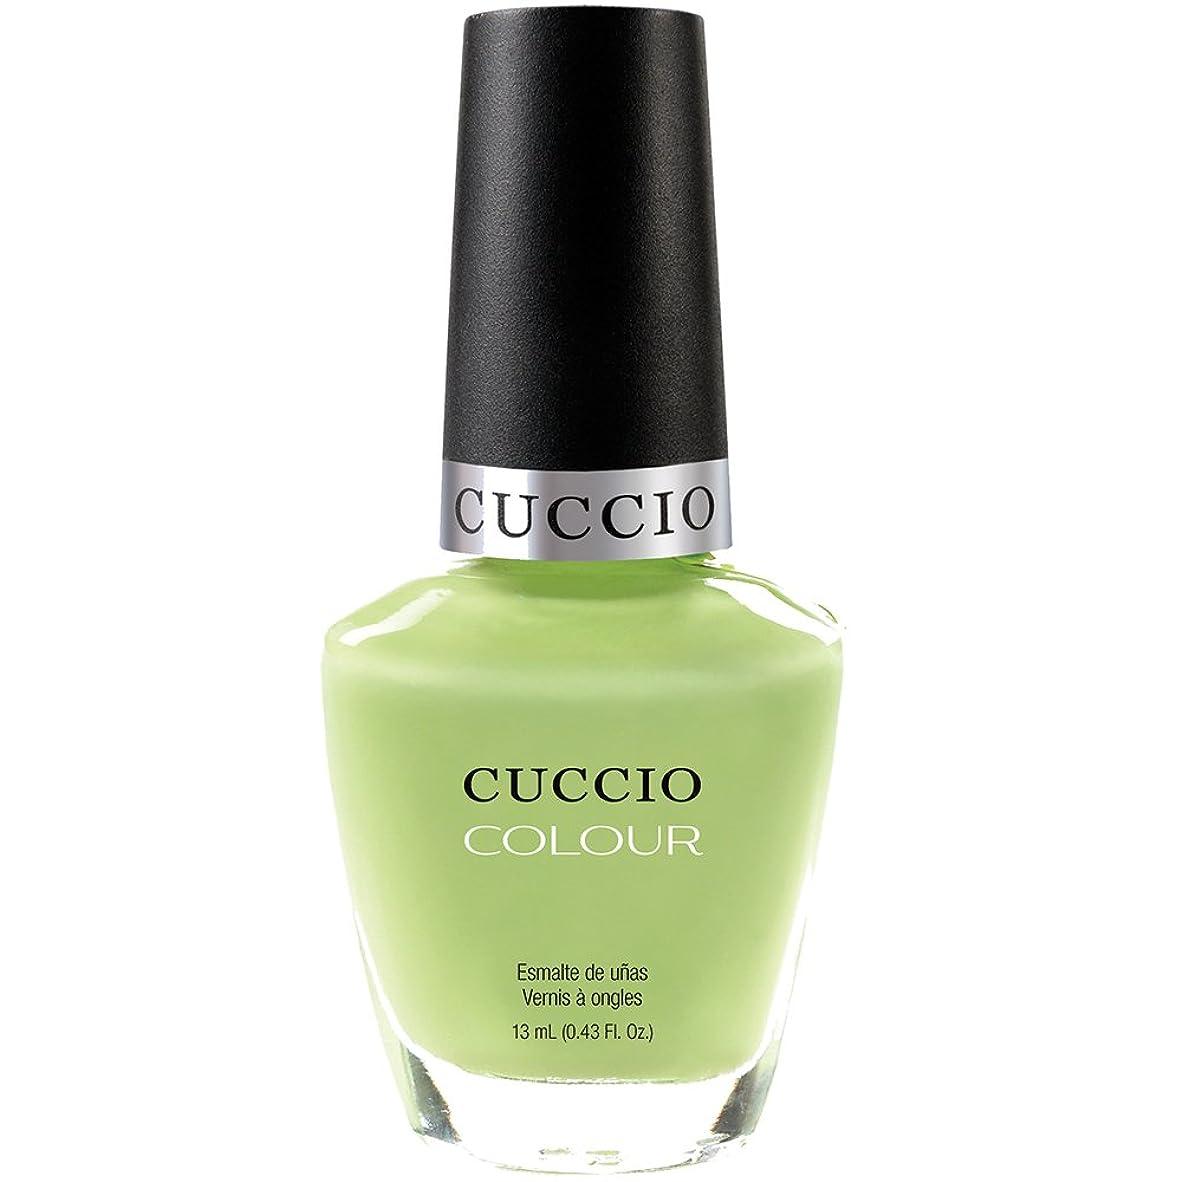 セレナ開示する安らぎCuccio Colour Gloss Lacquer - In the Key of Lime - 0.43oz / 13ml